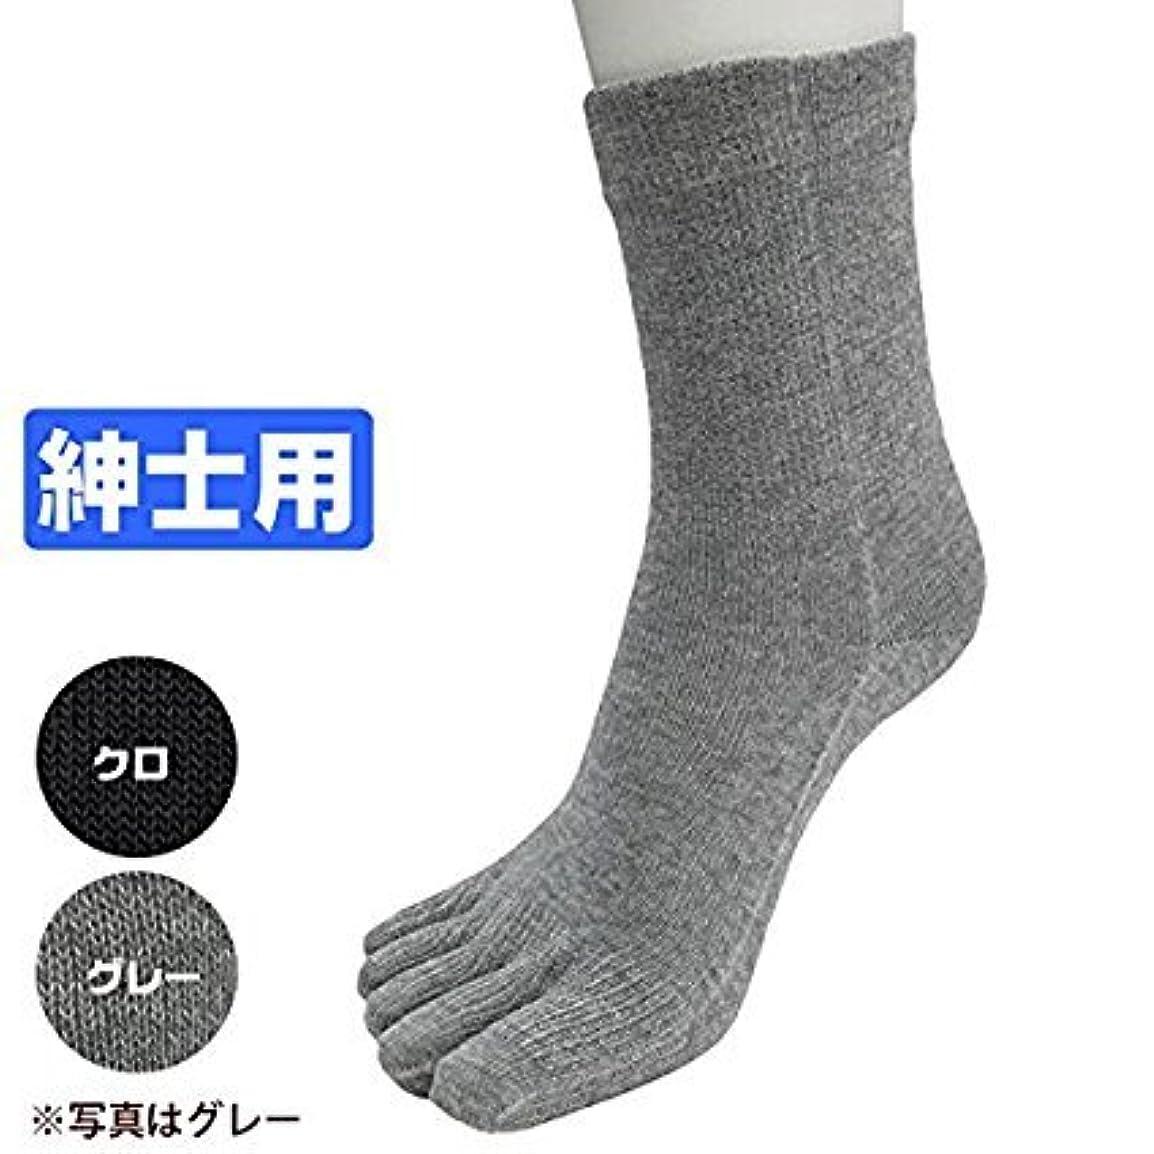 ボランティア緯度シソーラスひだまり 5本指ソックス 紳士用 靴下[24~26cm]オールシーズンタイプ (クロ)